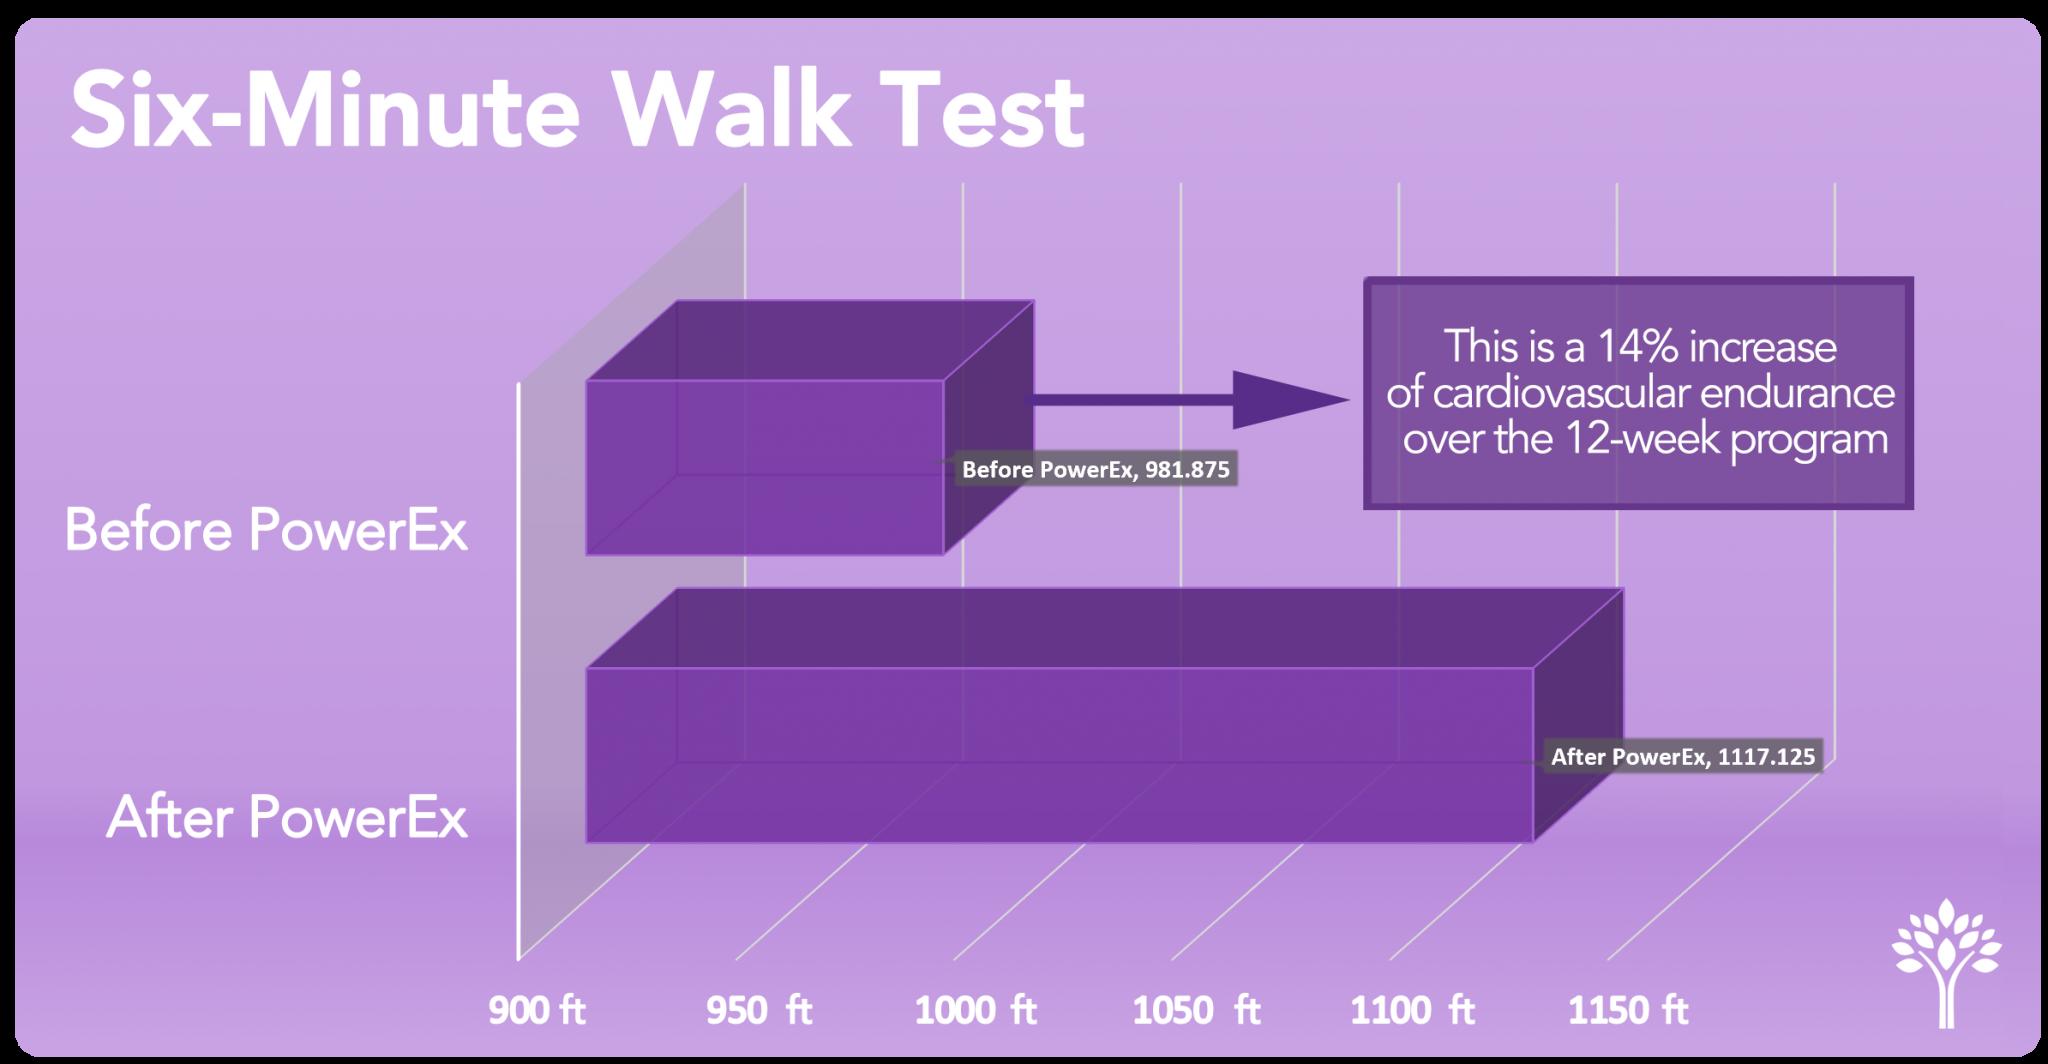 Six-Minute Walk Test Pre-Post Results